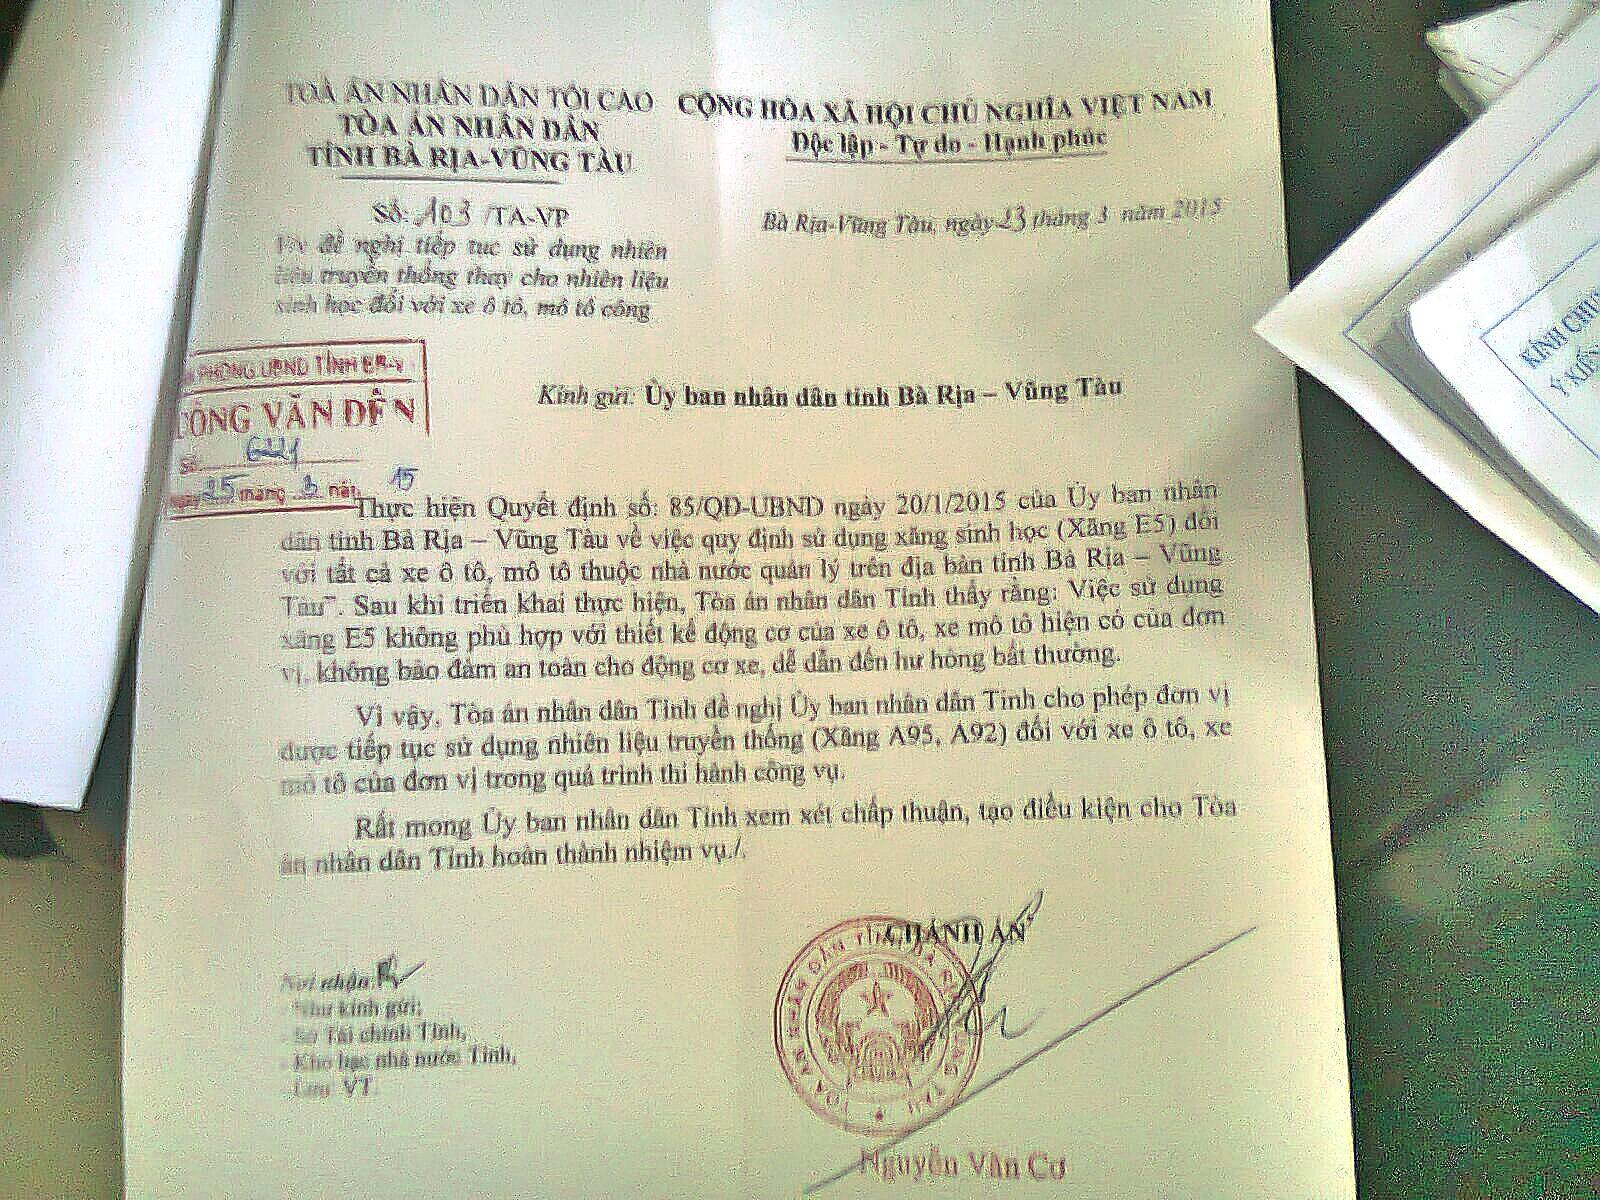 Vụ xin dừng sử dụng xăng E5: Sau 3 ngày, Tòa án Bà Rịa - Vũng Tàu xin dùng trở lại